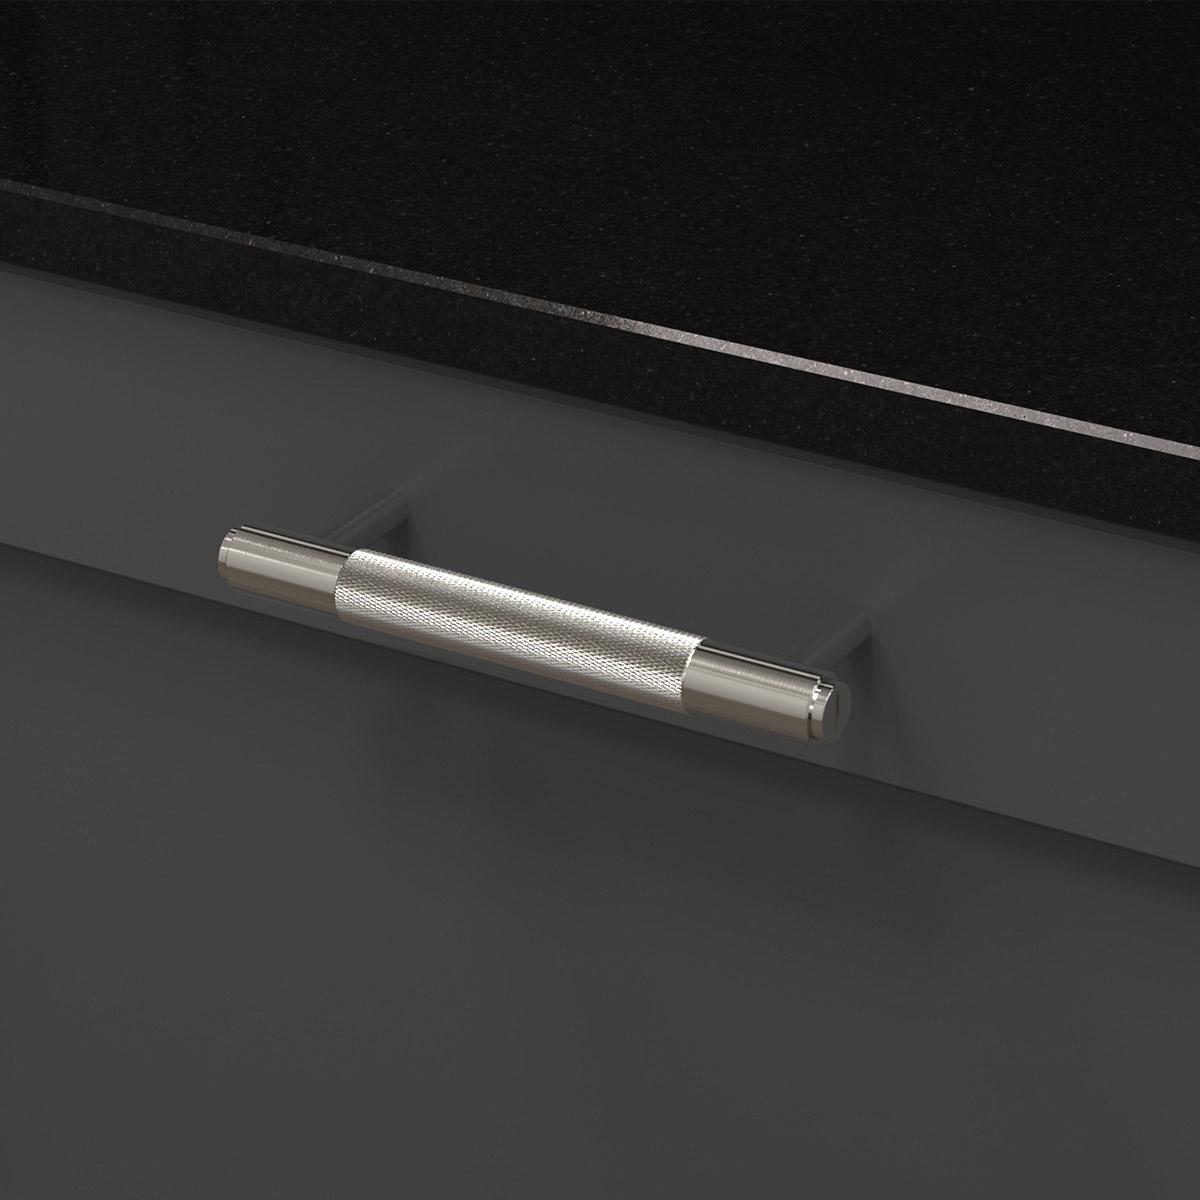 pull bar stål uk pb h 160 st a cc 125 mm ncs s 7500 n granit svart